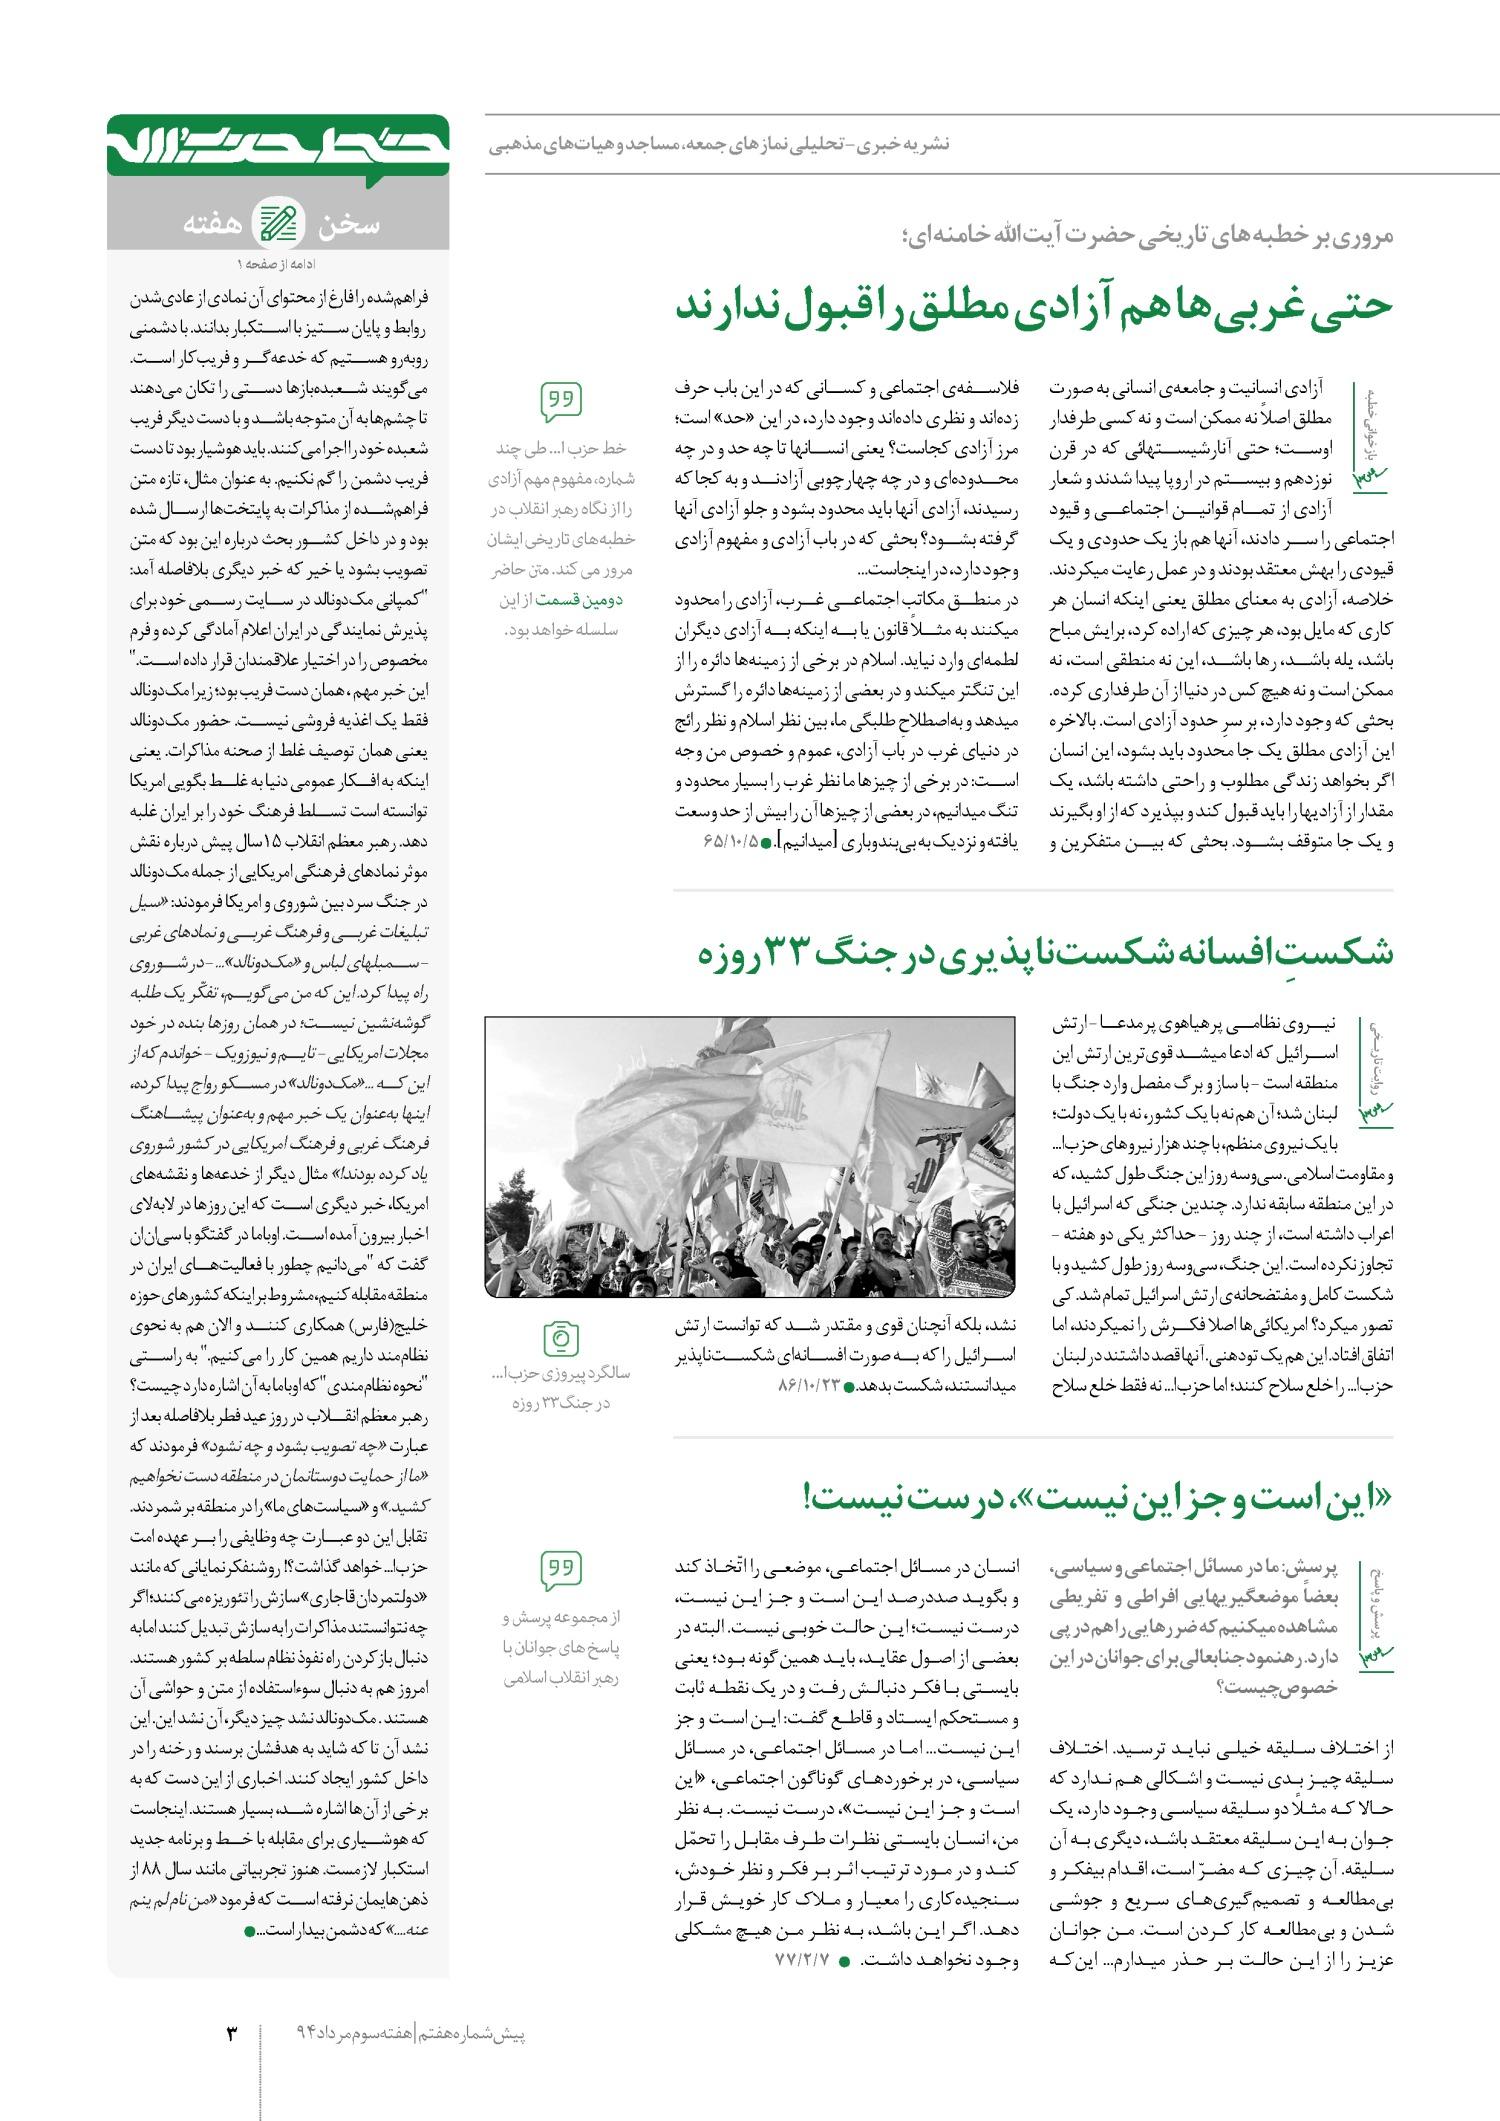 خط حزب الله -شماره پنجم خط حزب الله -پیش شماره هفتم page large 363